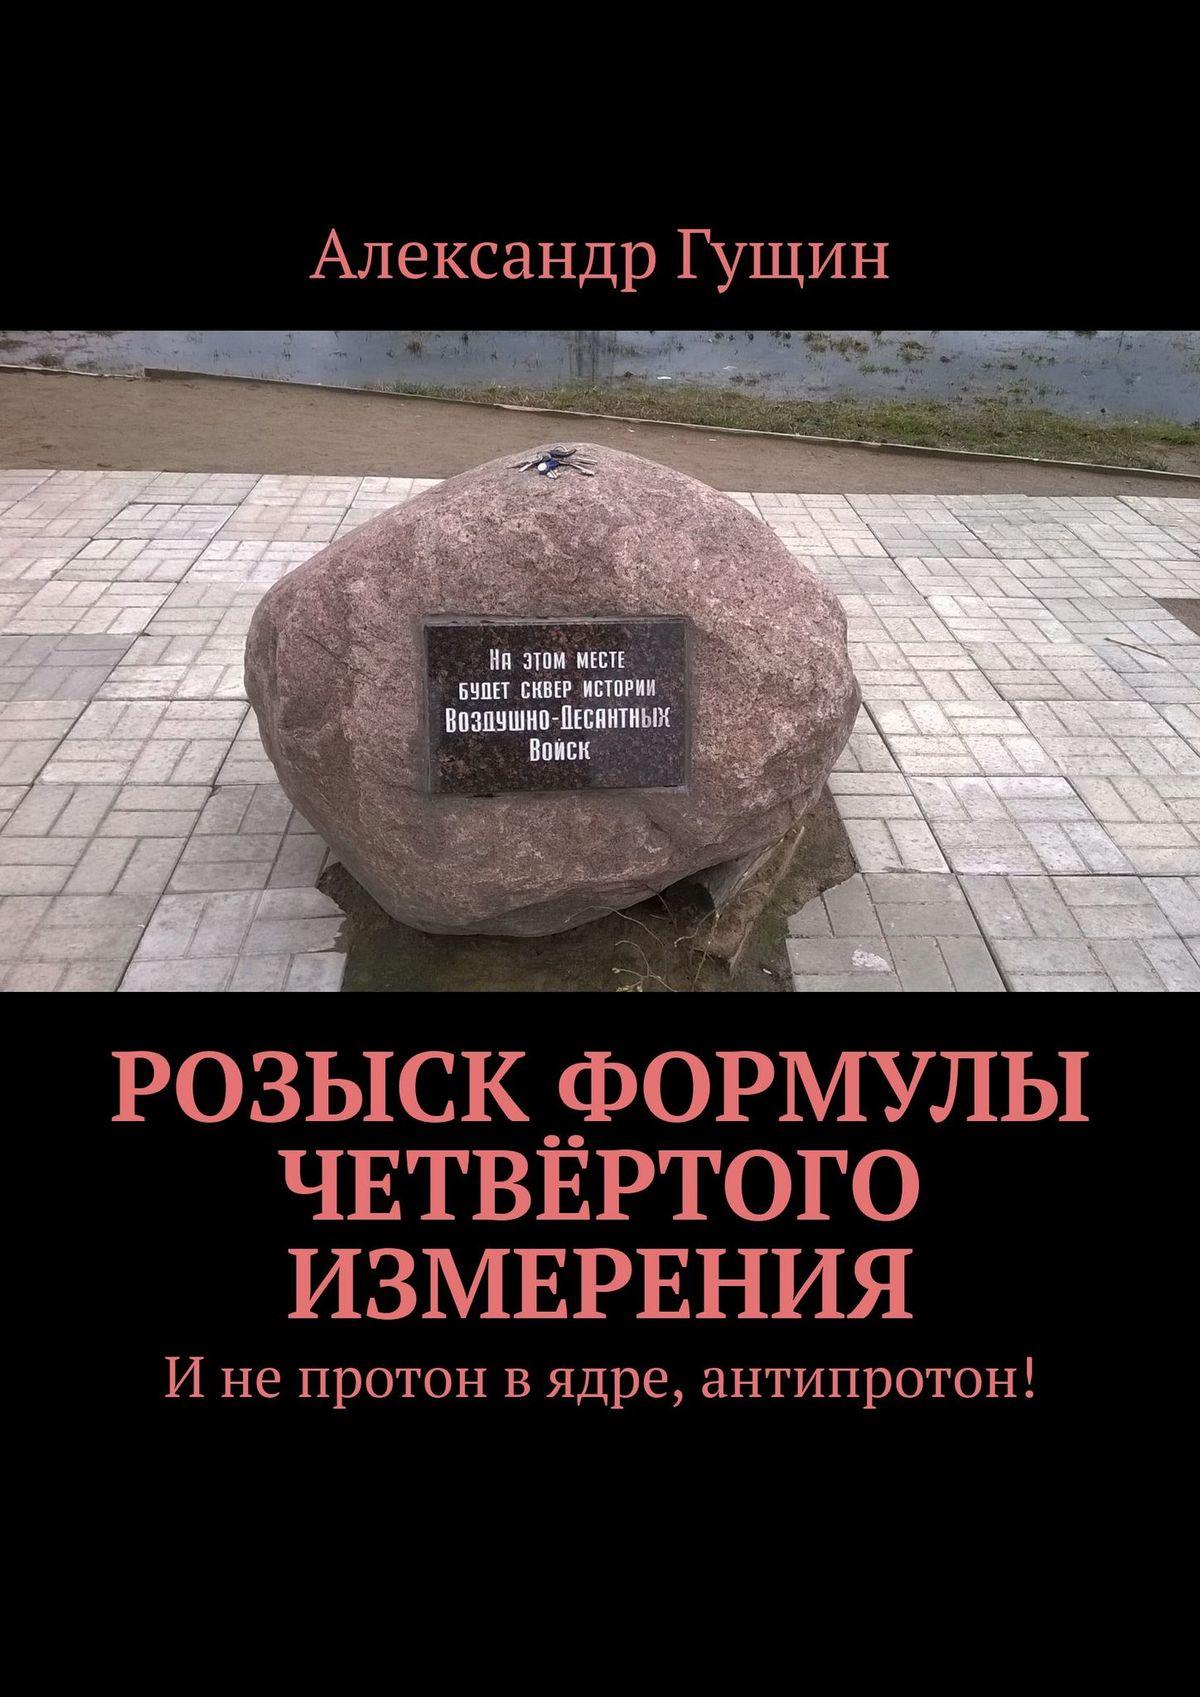 Александр Гущин Розыск формулы четвёртого измерения. Инепротон вядре, антипротон!